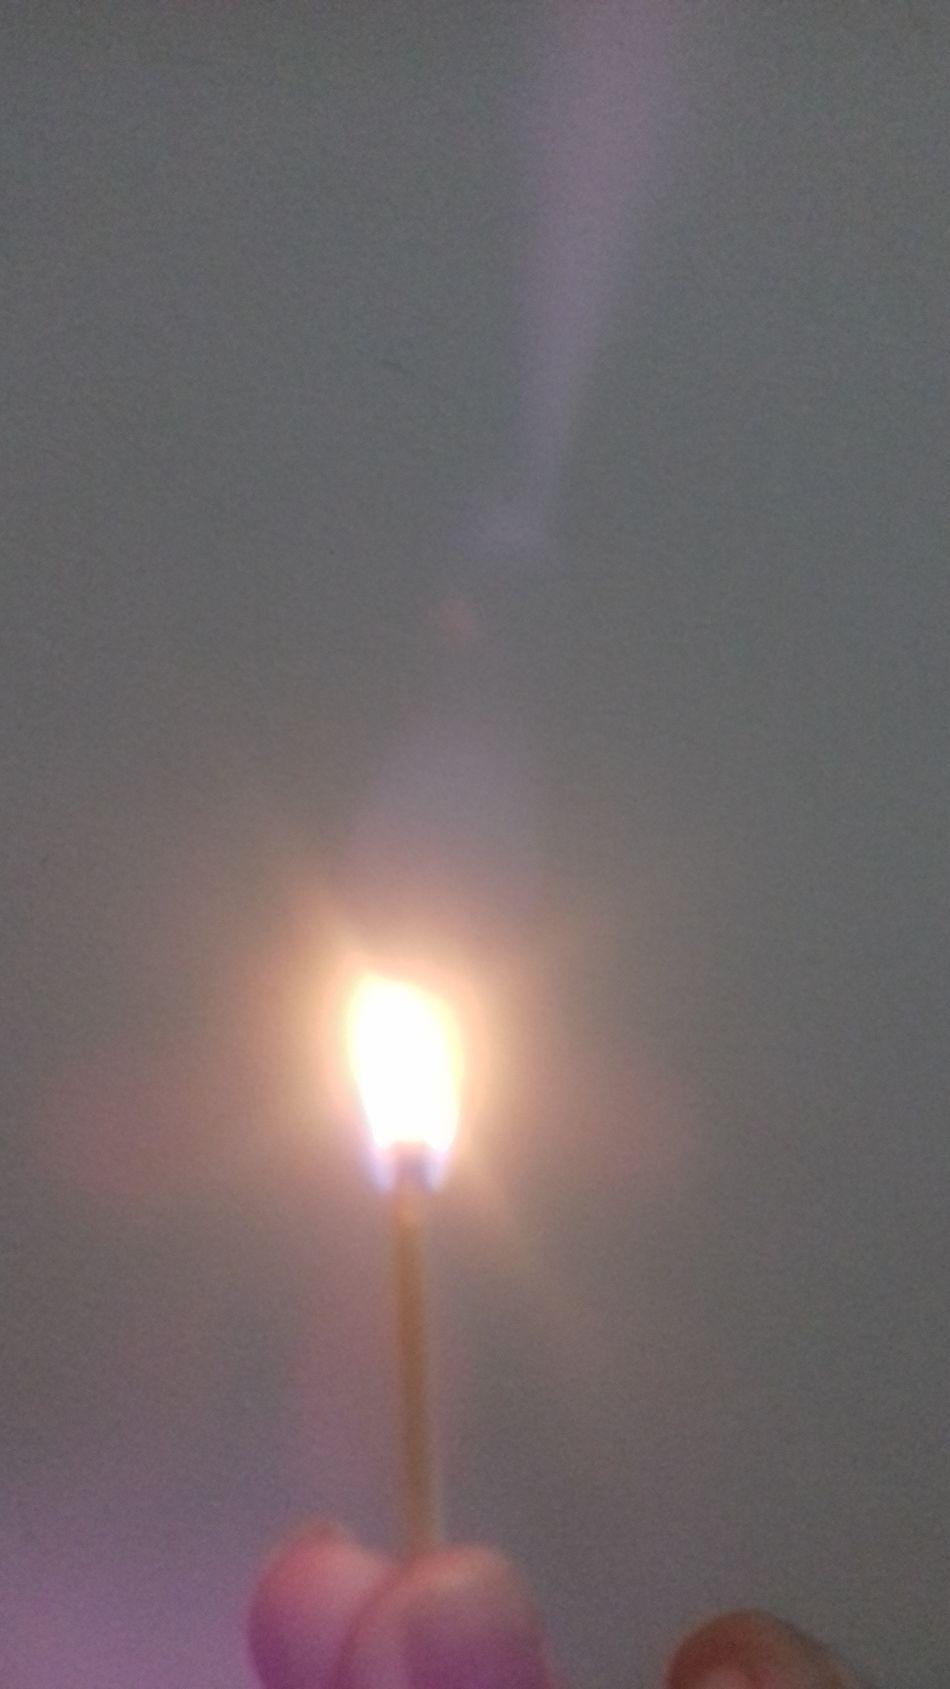 Illuminated Fogon